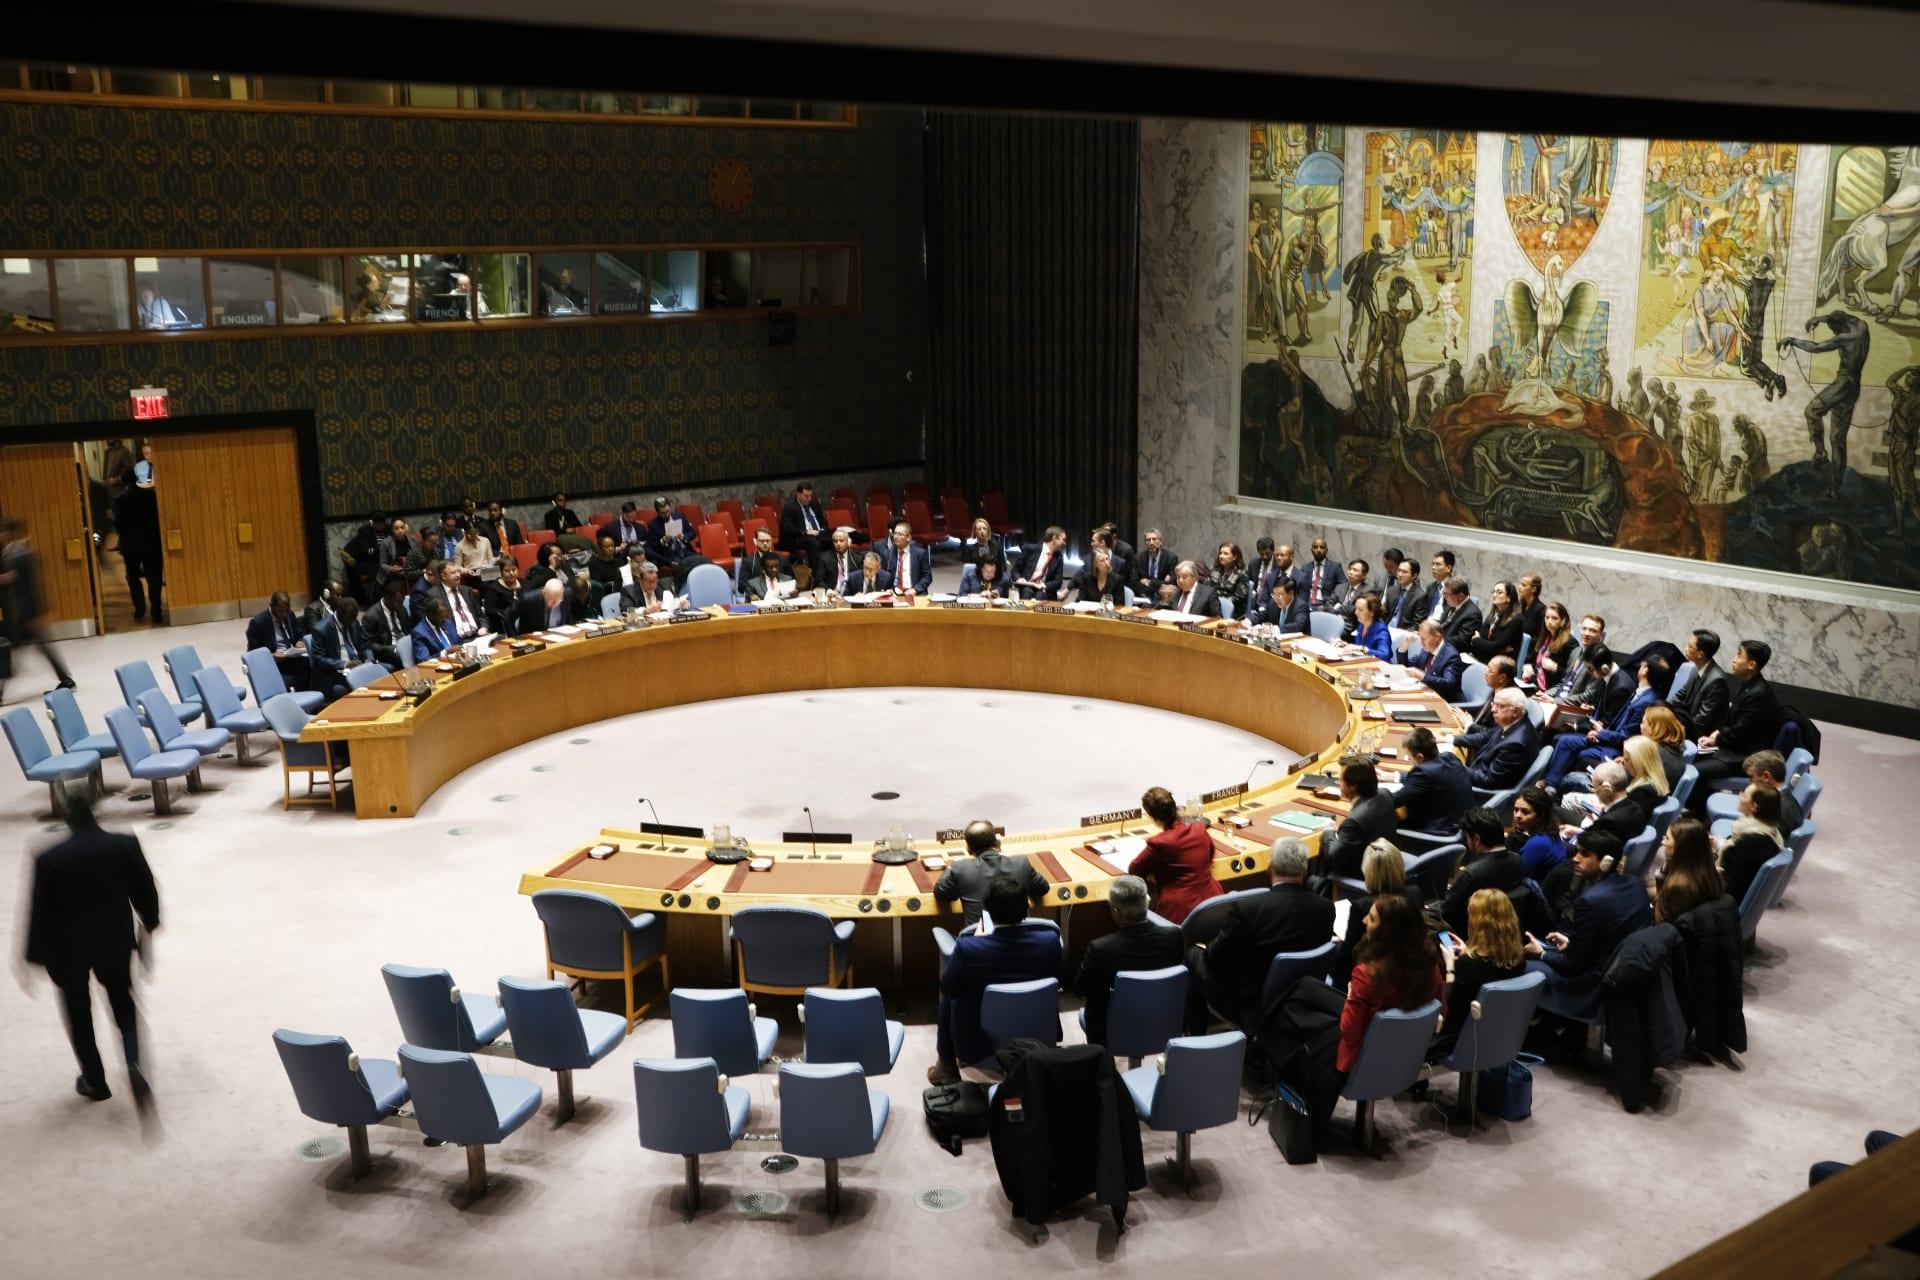 مجلس الأمن: لا يمكن تنفيذ طلب أمريكا استئناف العقوبات ضد إيران